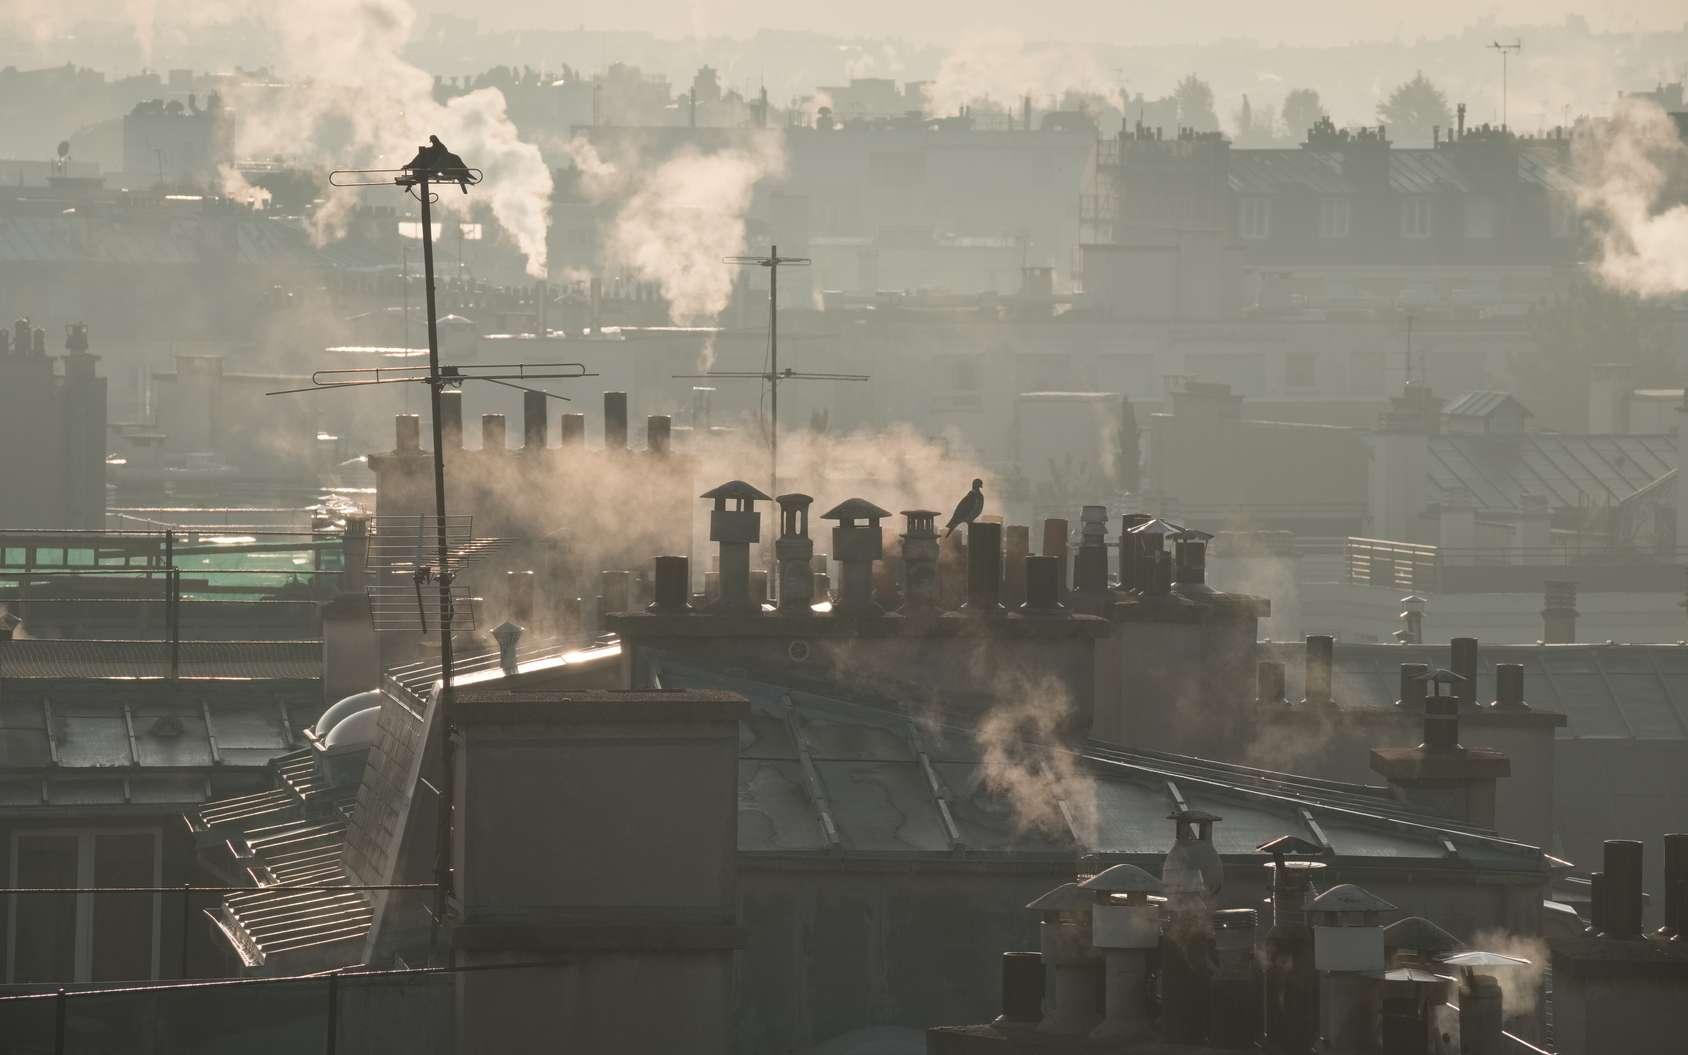 Des dizaines de millions d'Européens sont exposés à des niveaux de pollution de l'air dépassant les recommandations de l'OMS. © Shoky, Fotolia